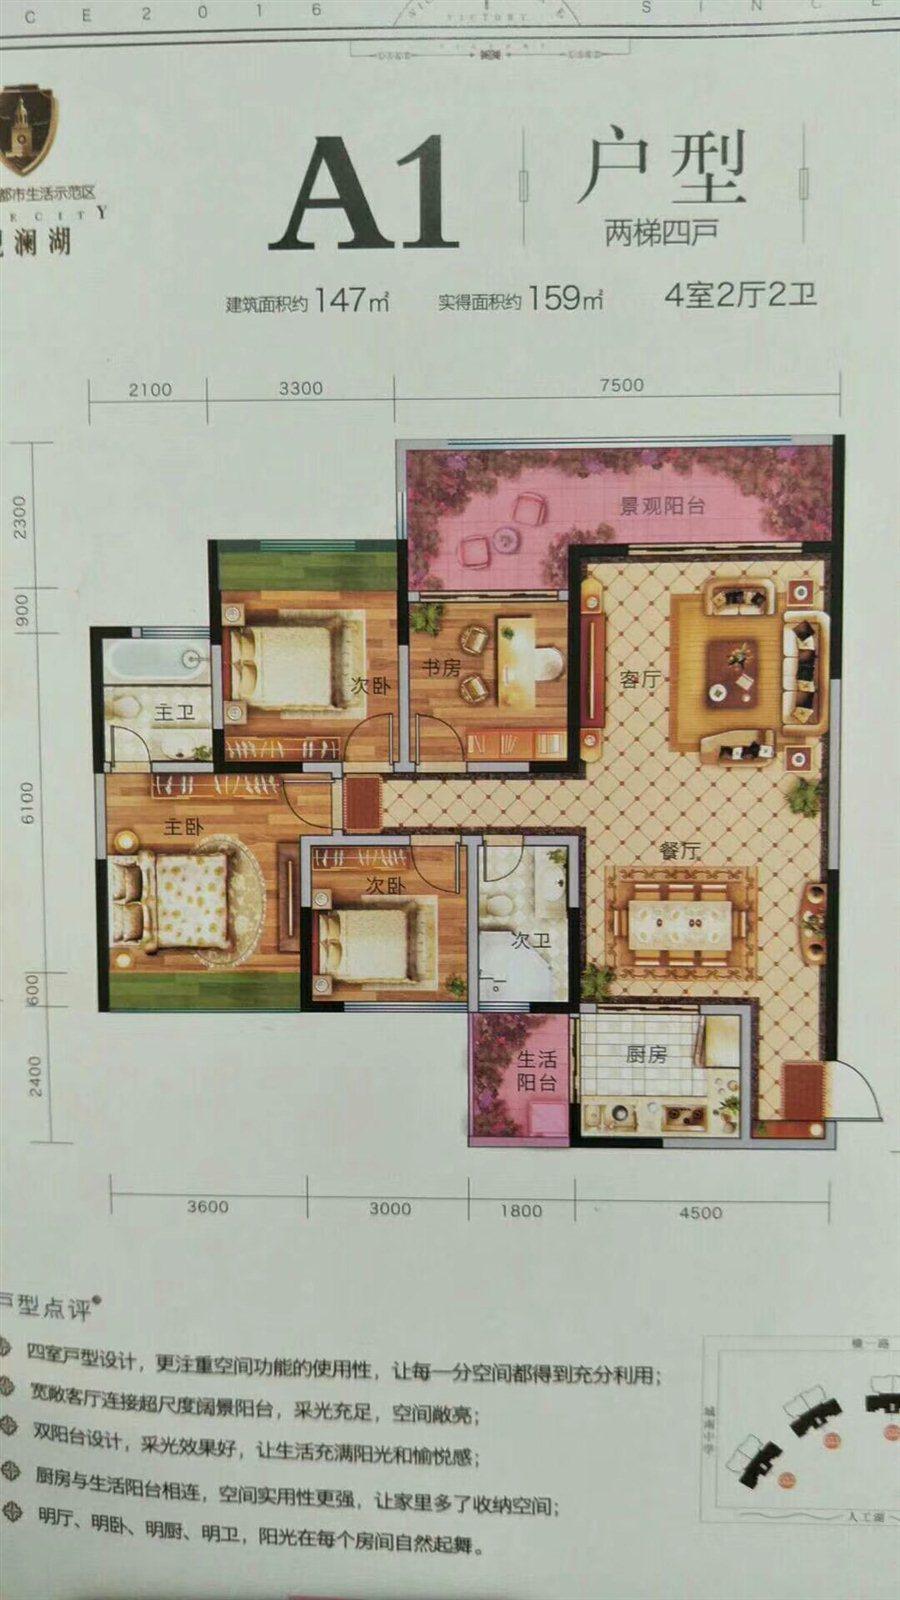 观澜湖4室 2厅 2卫86.1万元直接更名免过户费